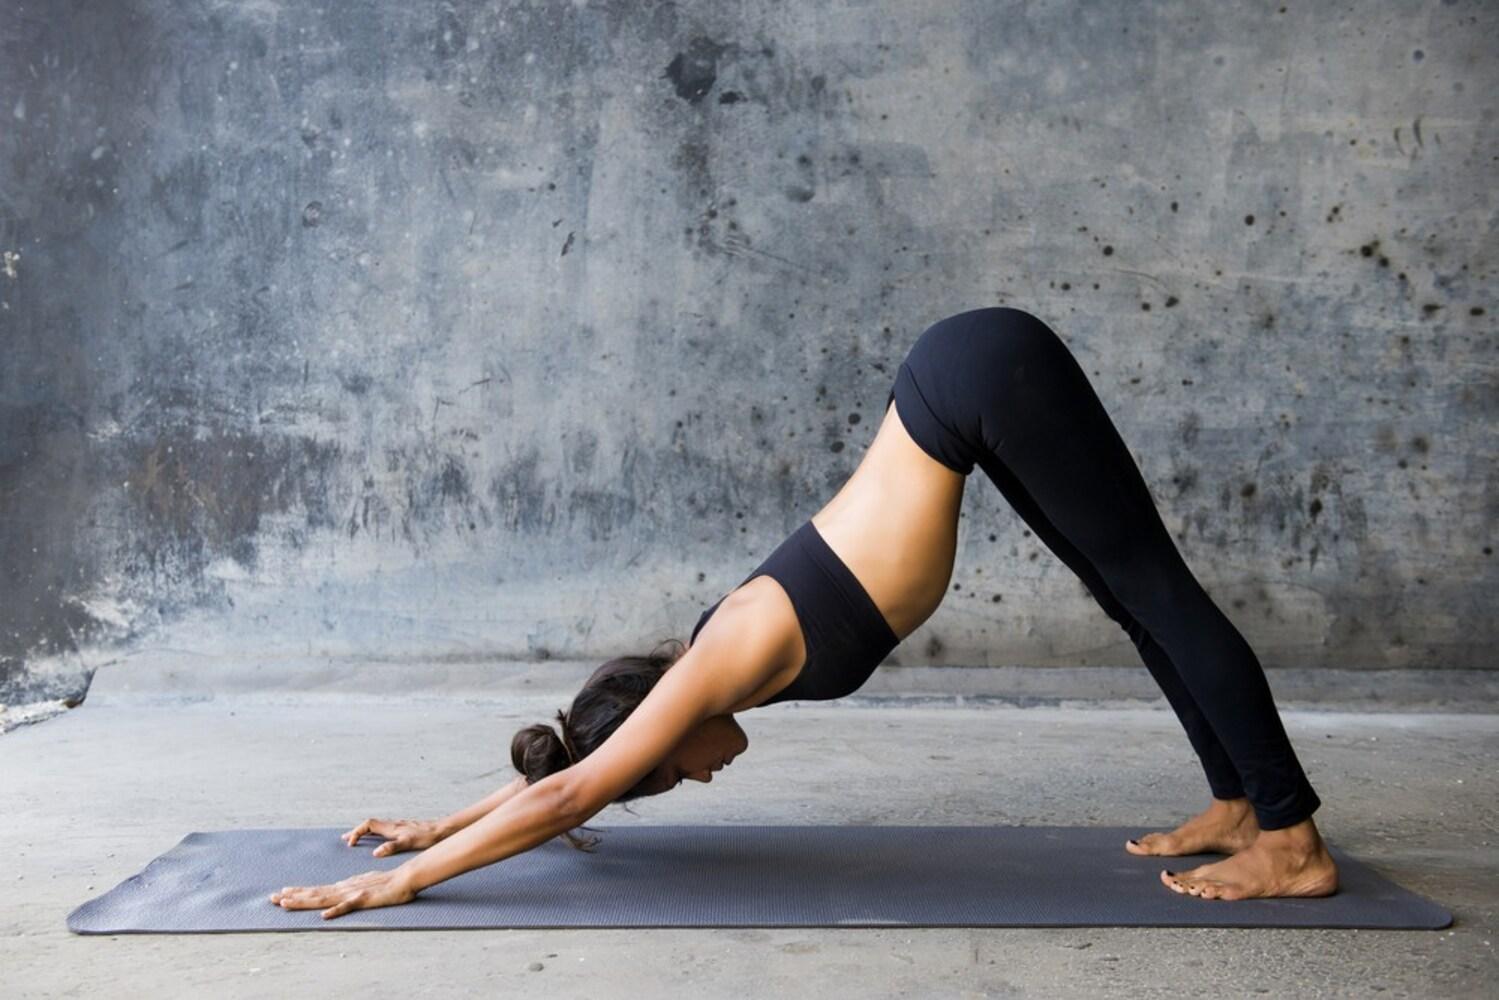 アクティブ系|激しい動きには適度なフィット感がおすすめ